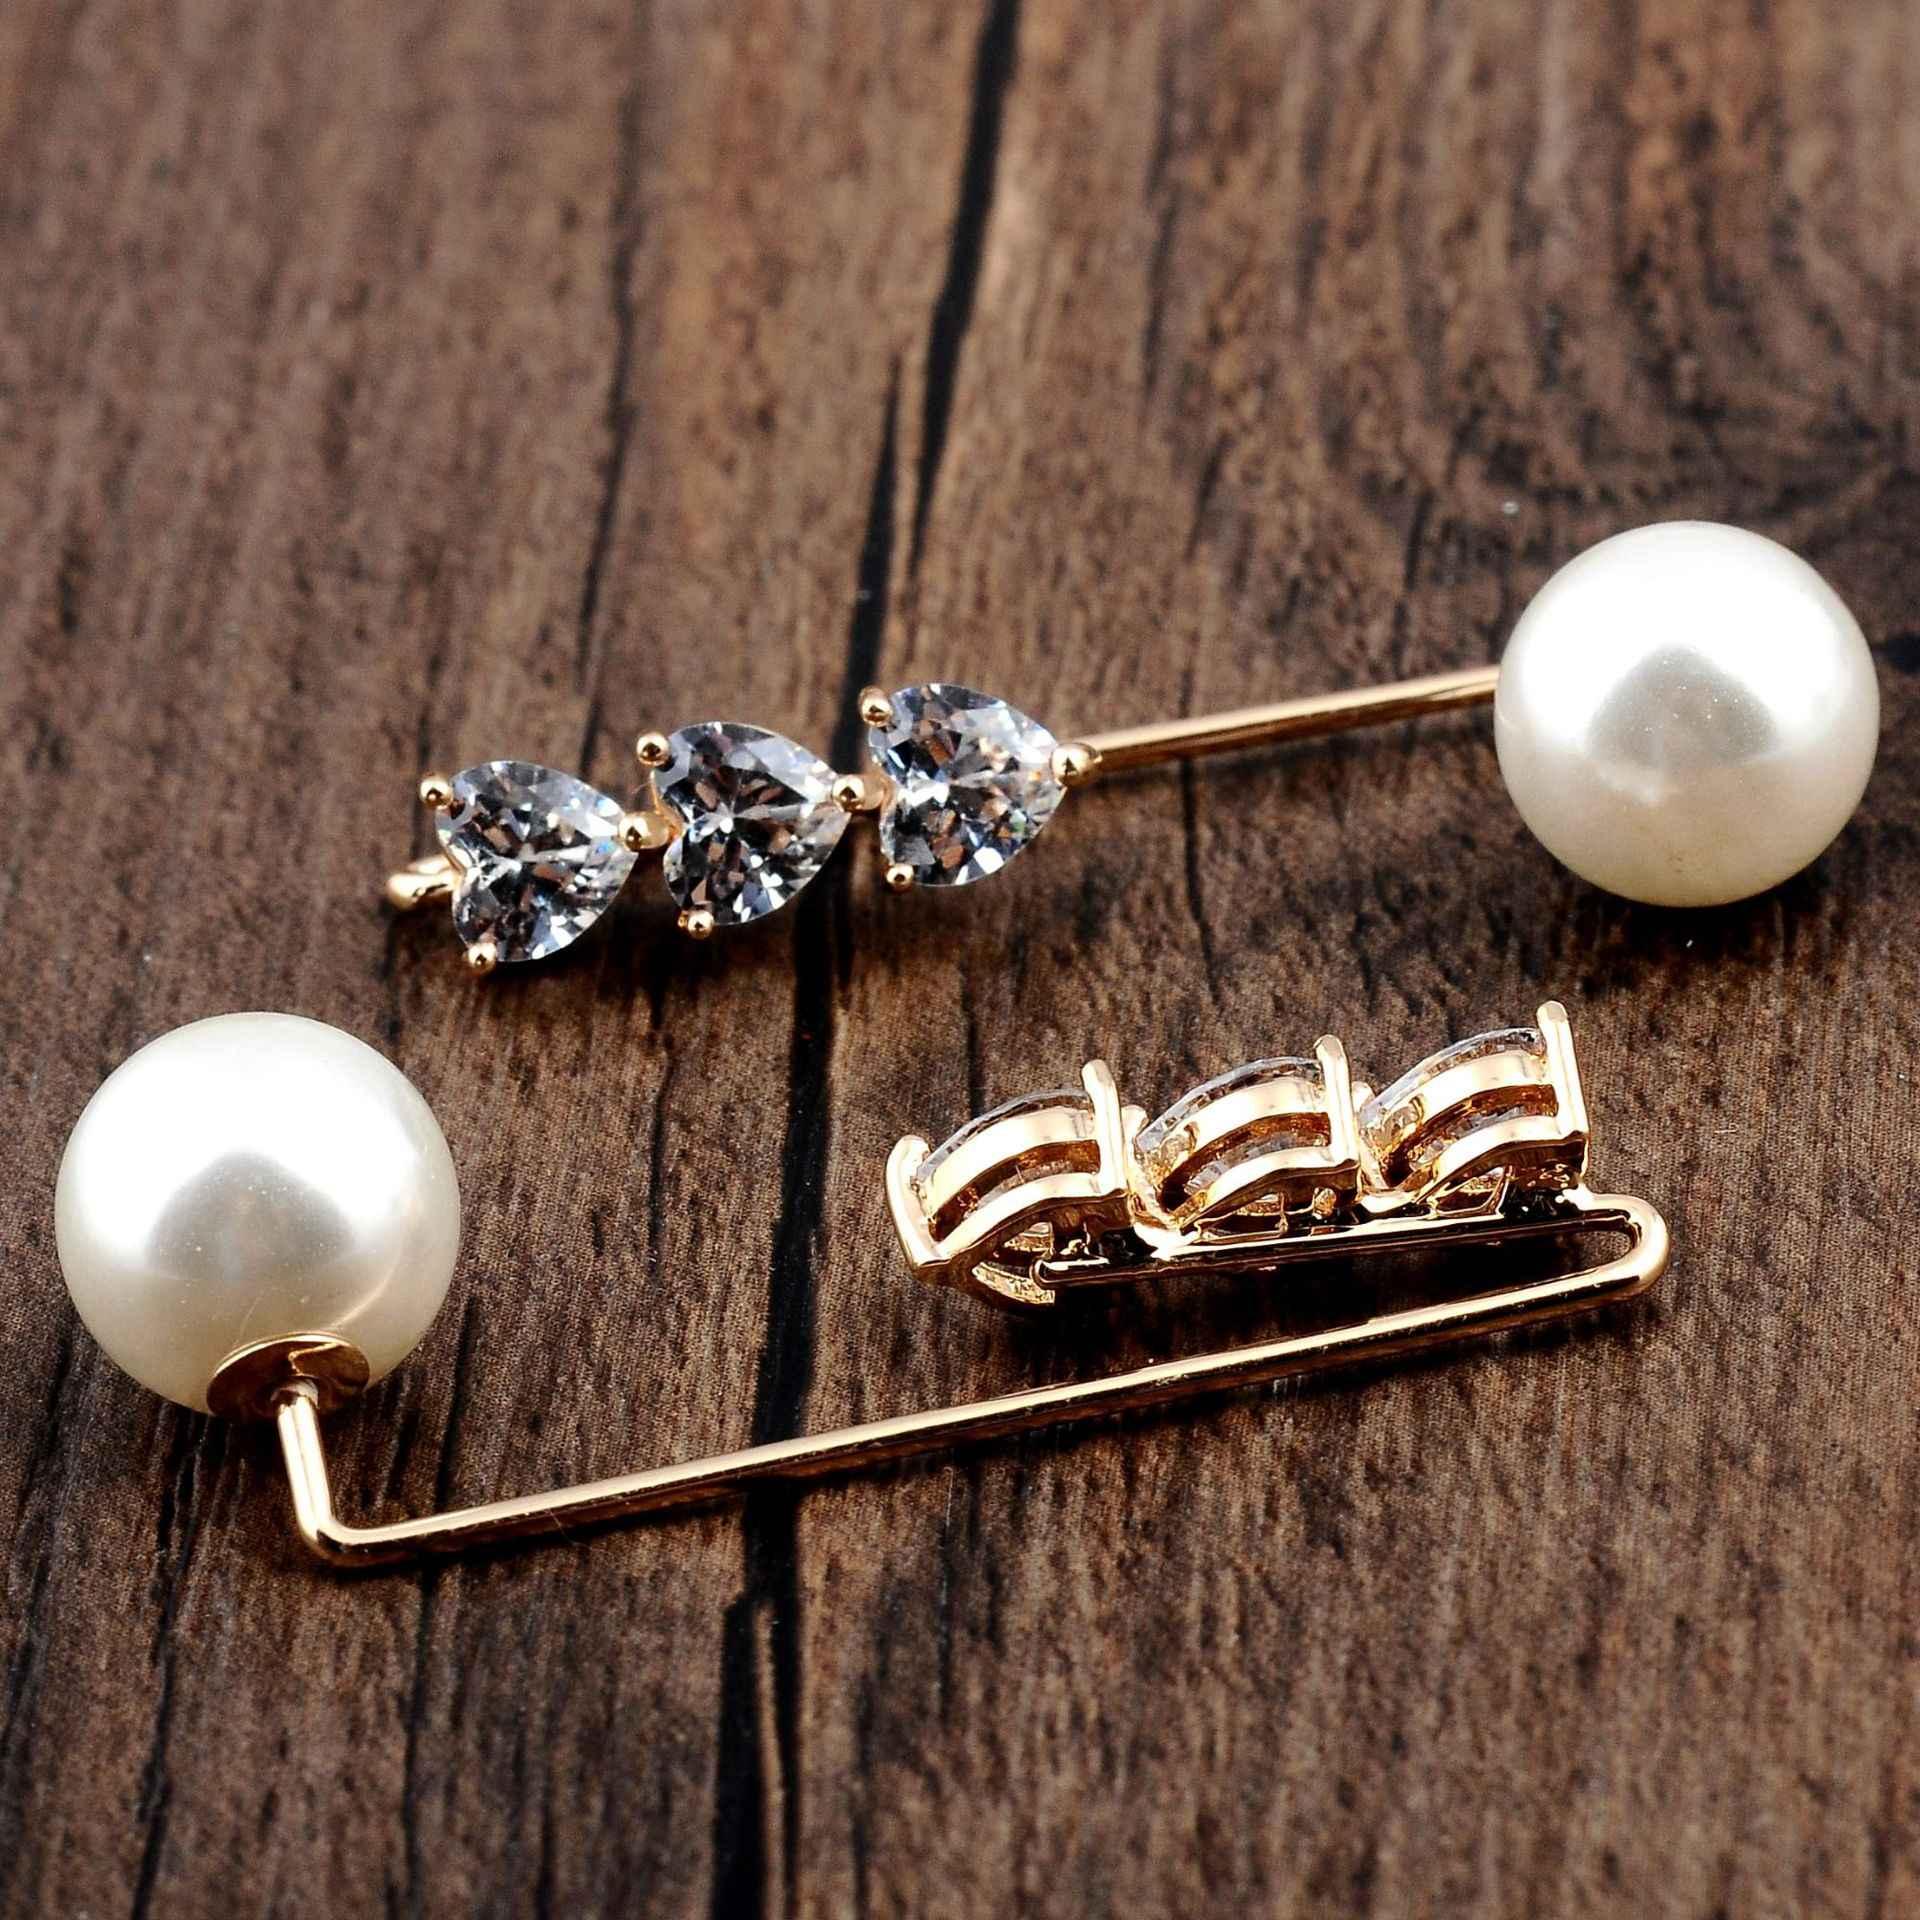 Tetap Gaun Pakaian Non-Slip Zircon Jantung Mutiara Bros Syal Selendang Gesper Cardigan Klip Bros Kerah Pin Wanita perhiasan